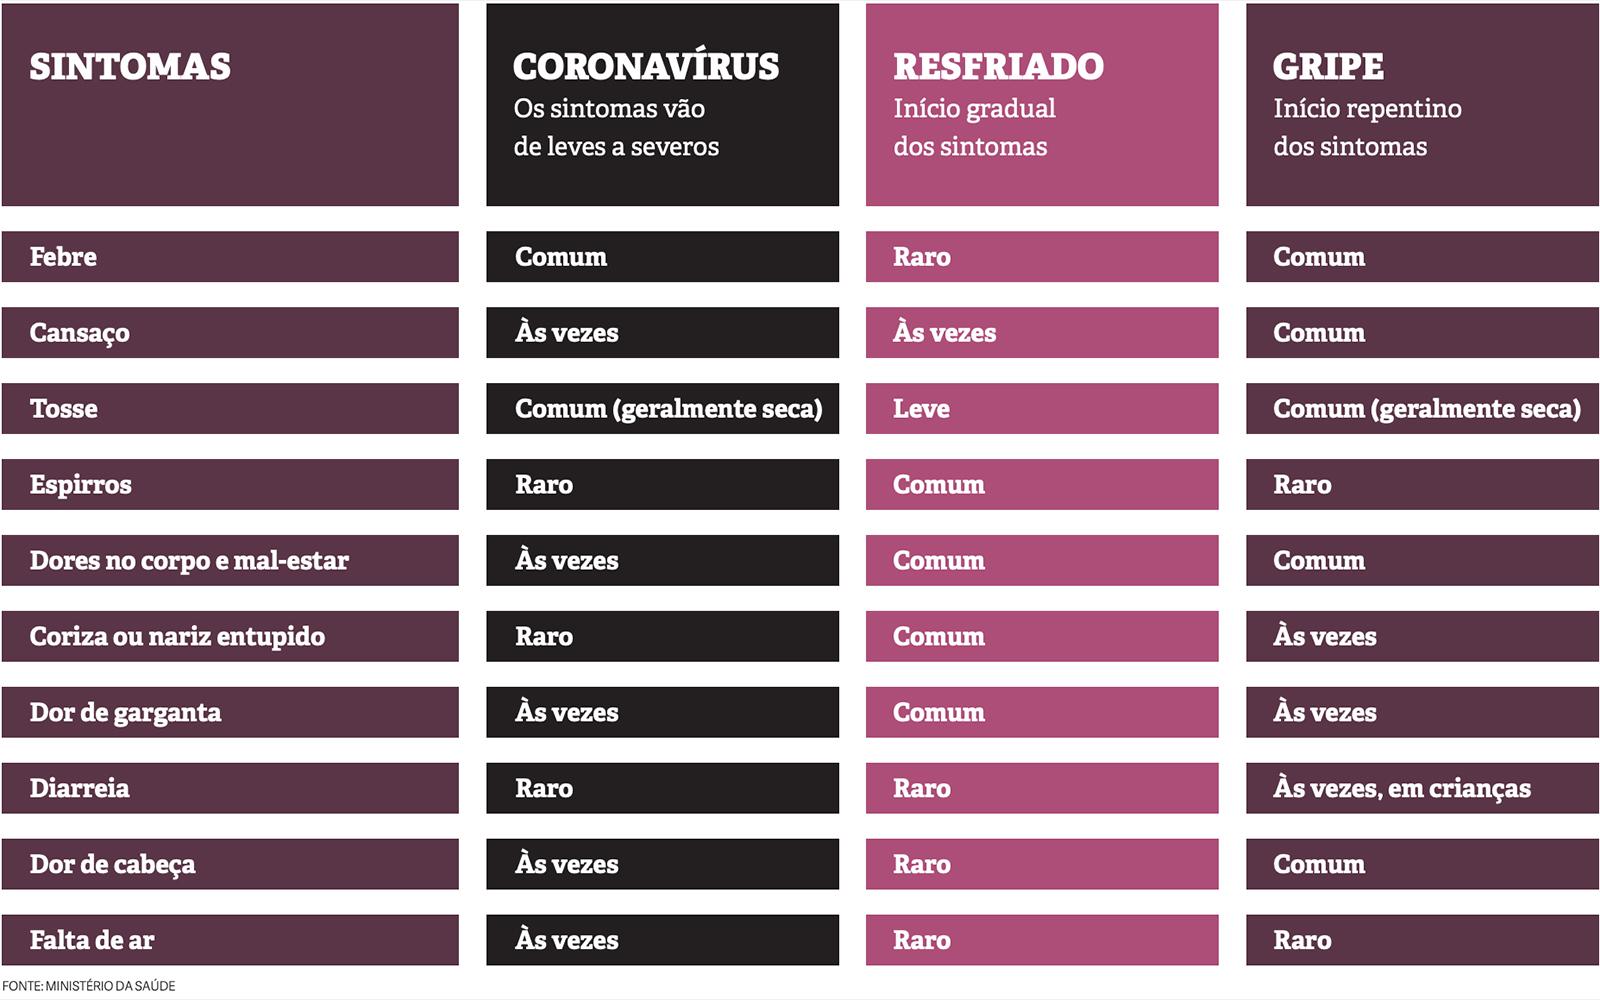 Covid-19, gripe e resfriado: sintomas. Fonte: Ministério da Saúde